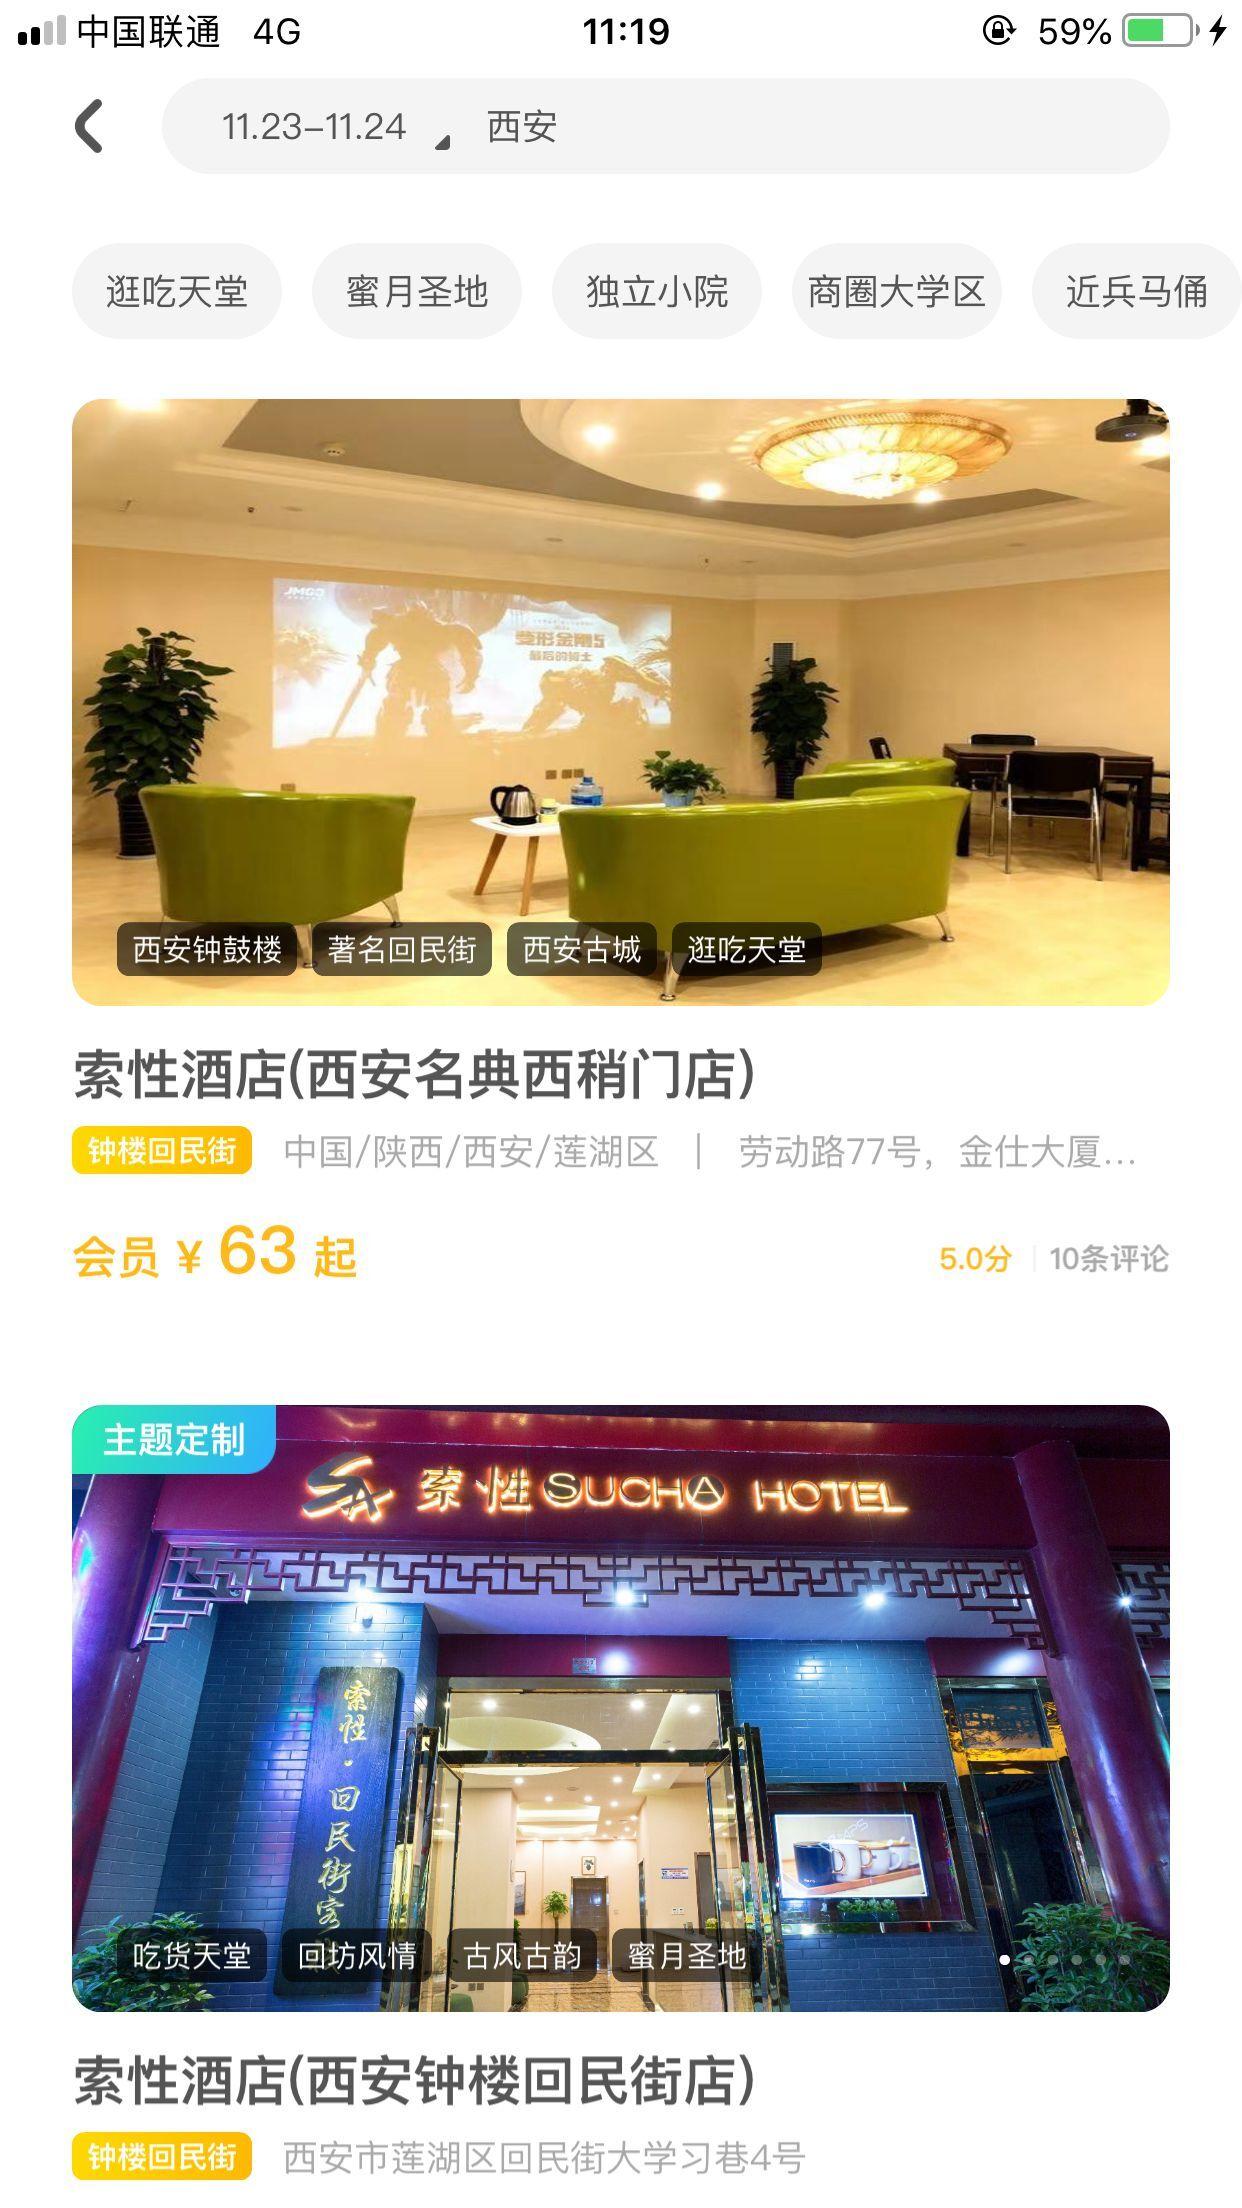 2 仿花筑旅行app酒店民宿微信小程序 客家雅居酒店民宿系统上线